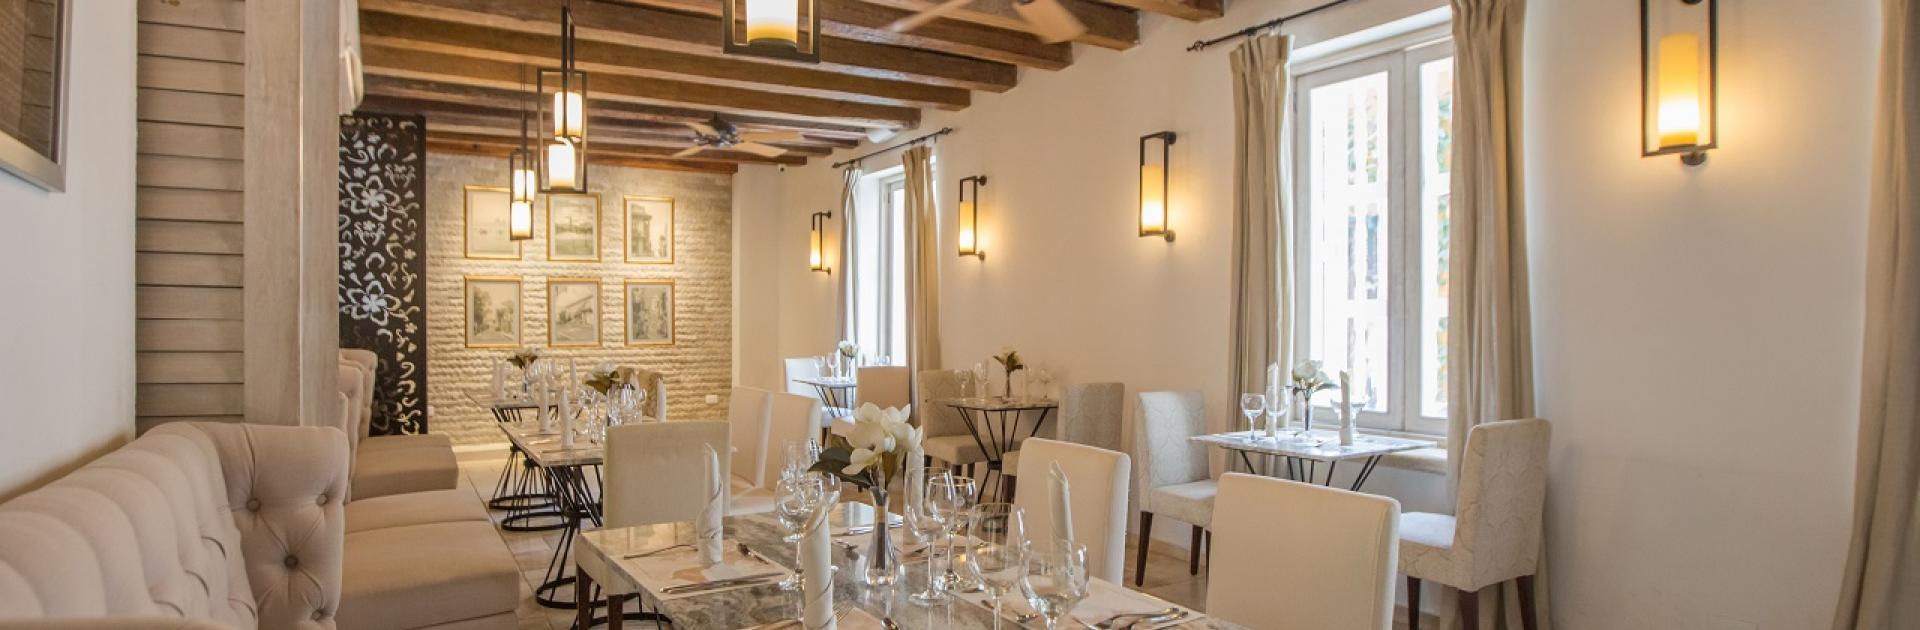 Restaurante Di Cielo en el Hotel Casa Canabal, participante de Dónde Restaurant Week 2019 en Cartagena de Indias